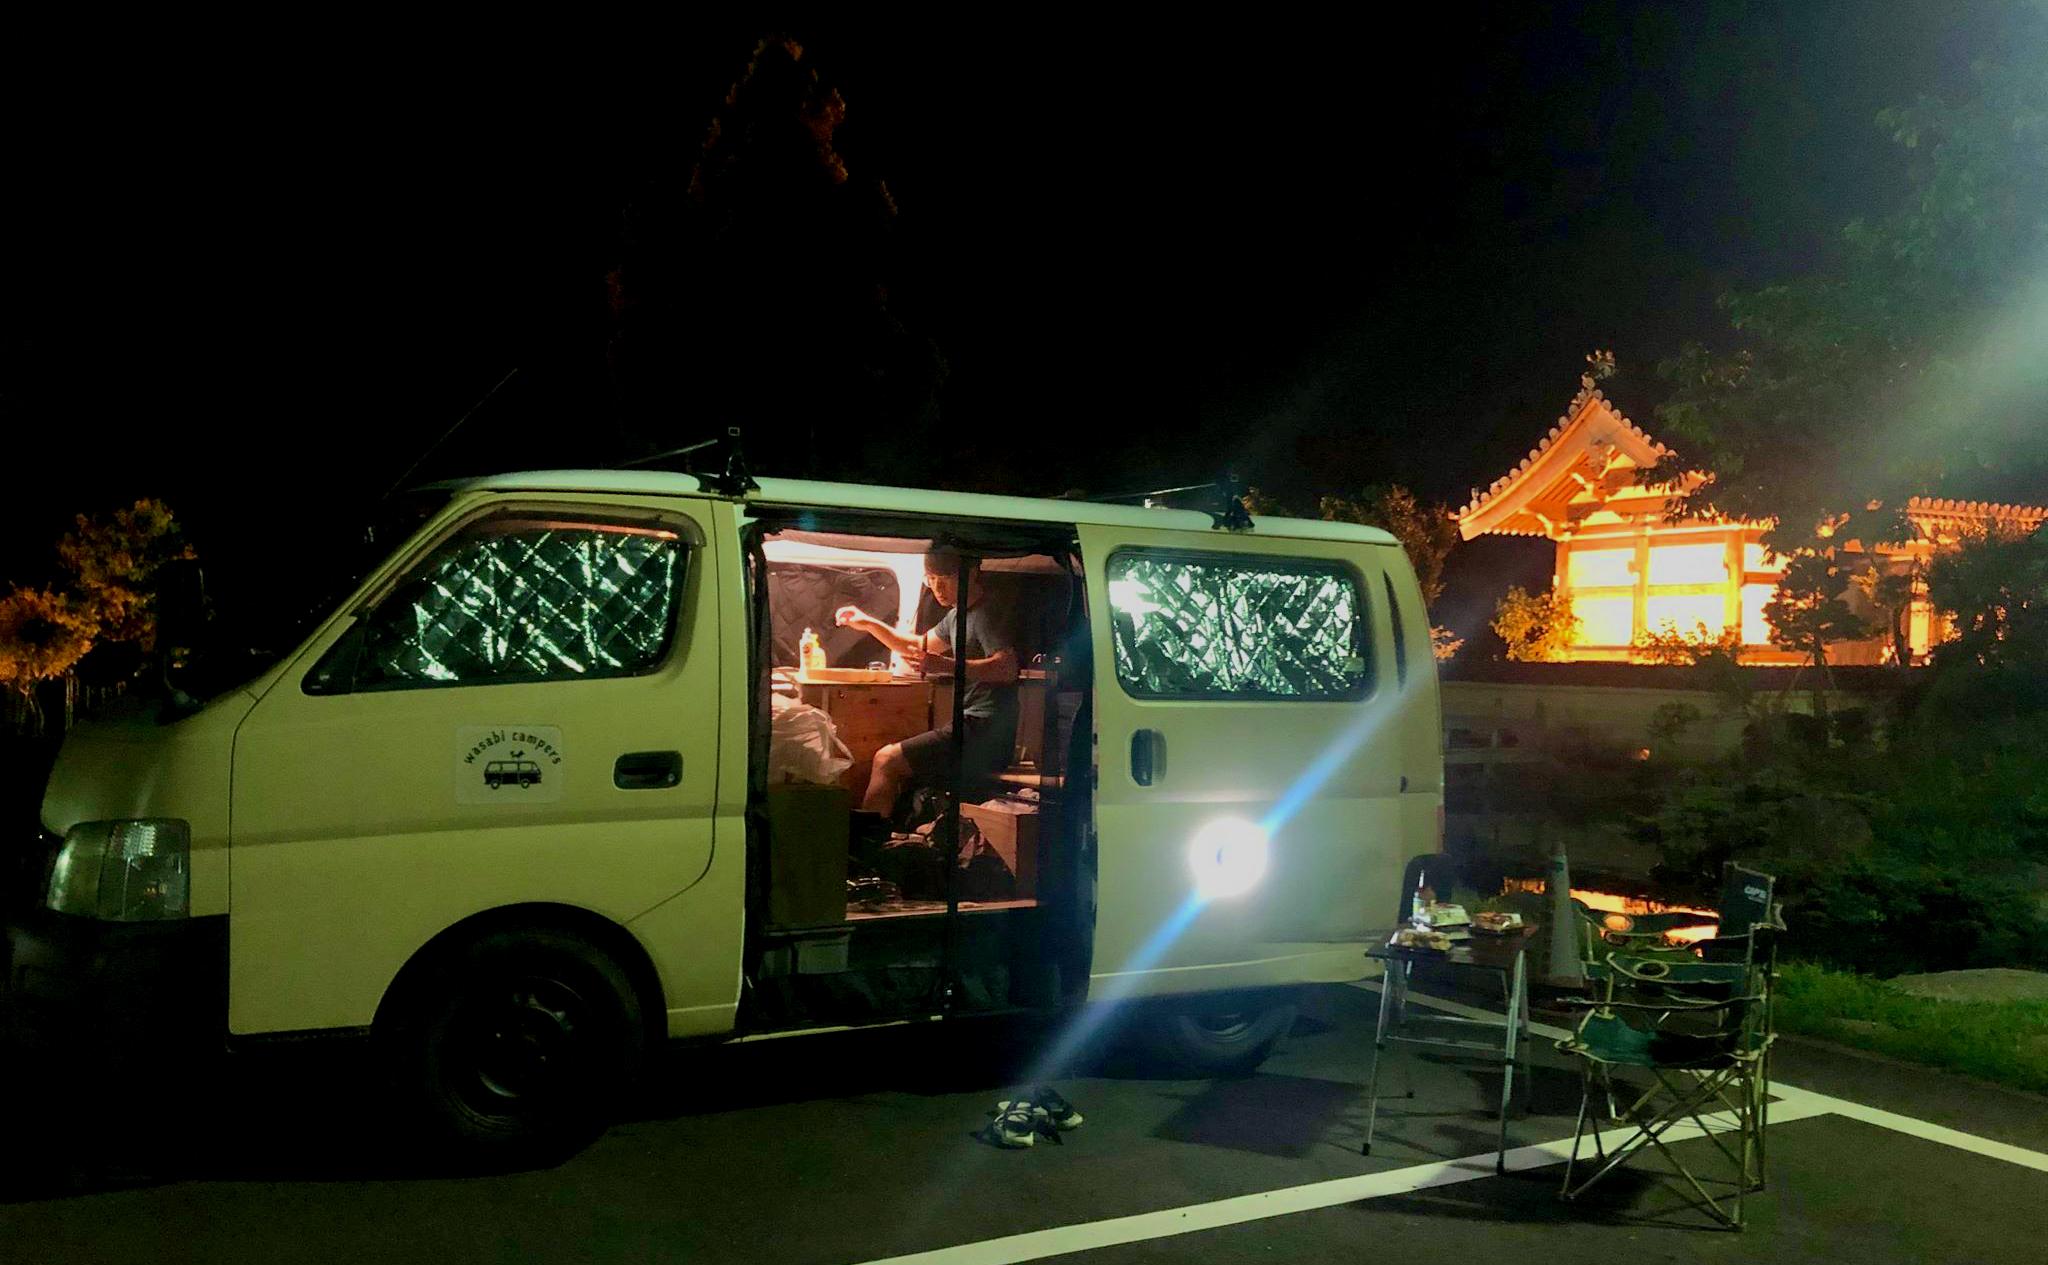 お寺でバンライフ !?20代女子が、千葉県「成龍寺」で車中泊&プチ修行僧体験をしてみた